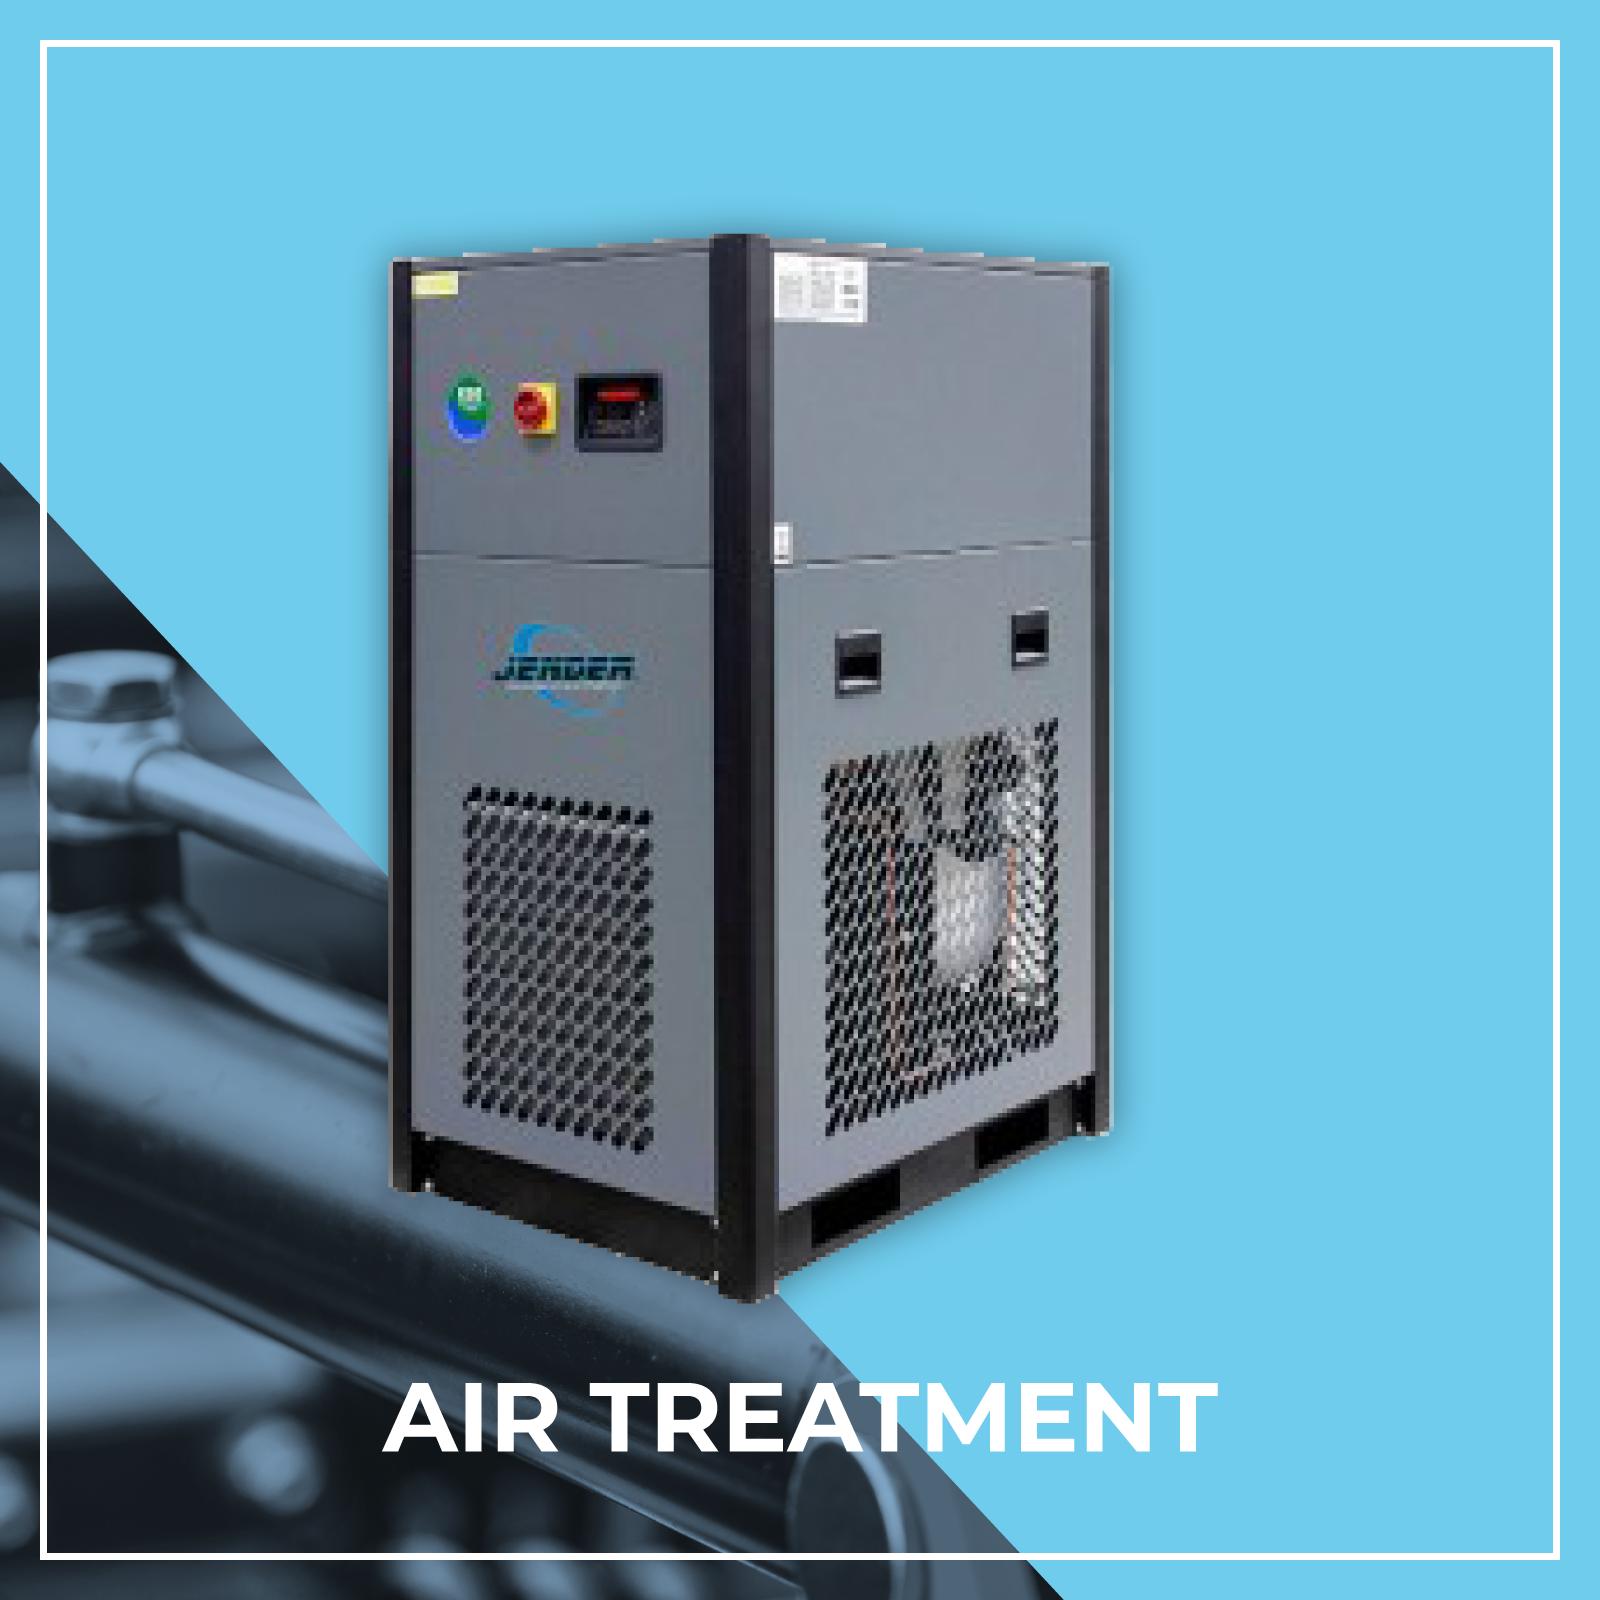 Air Treatment home pick